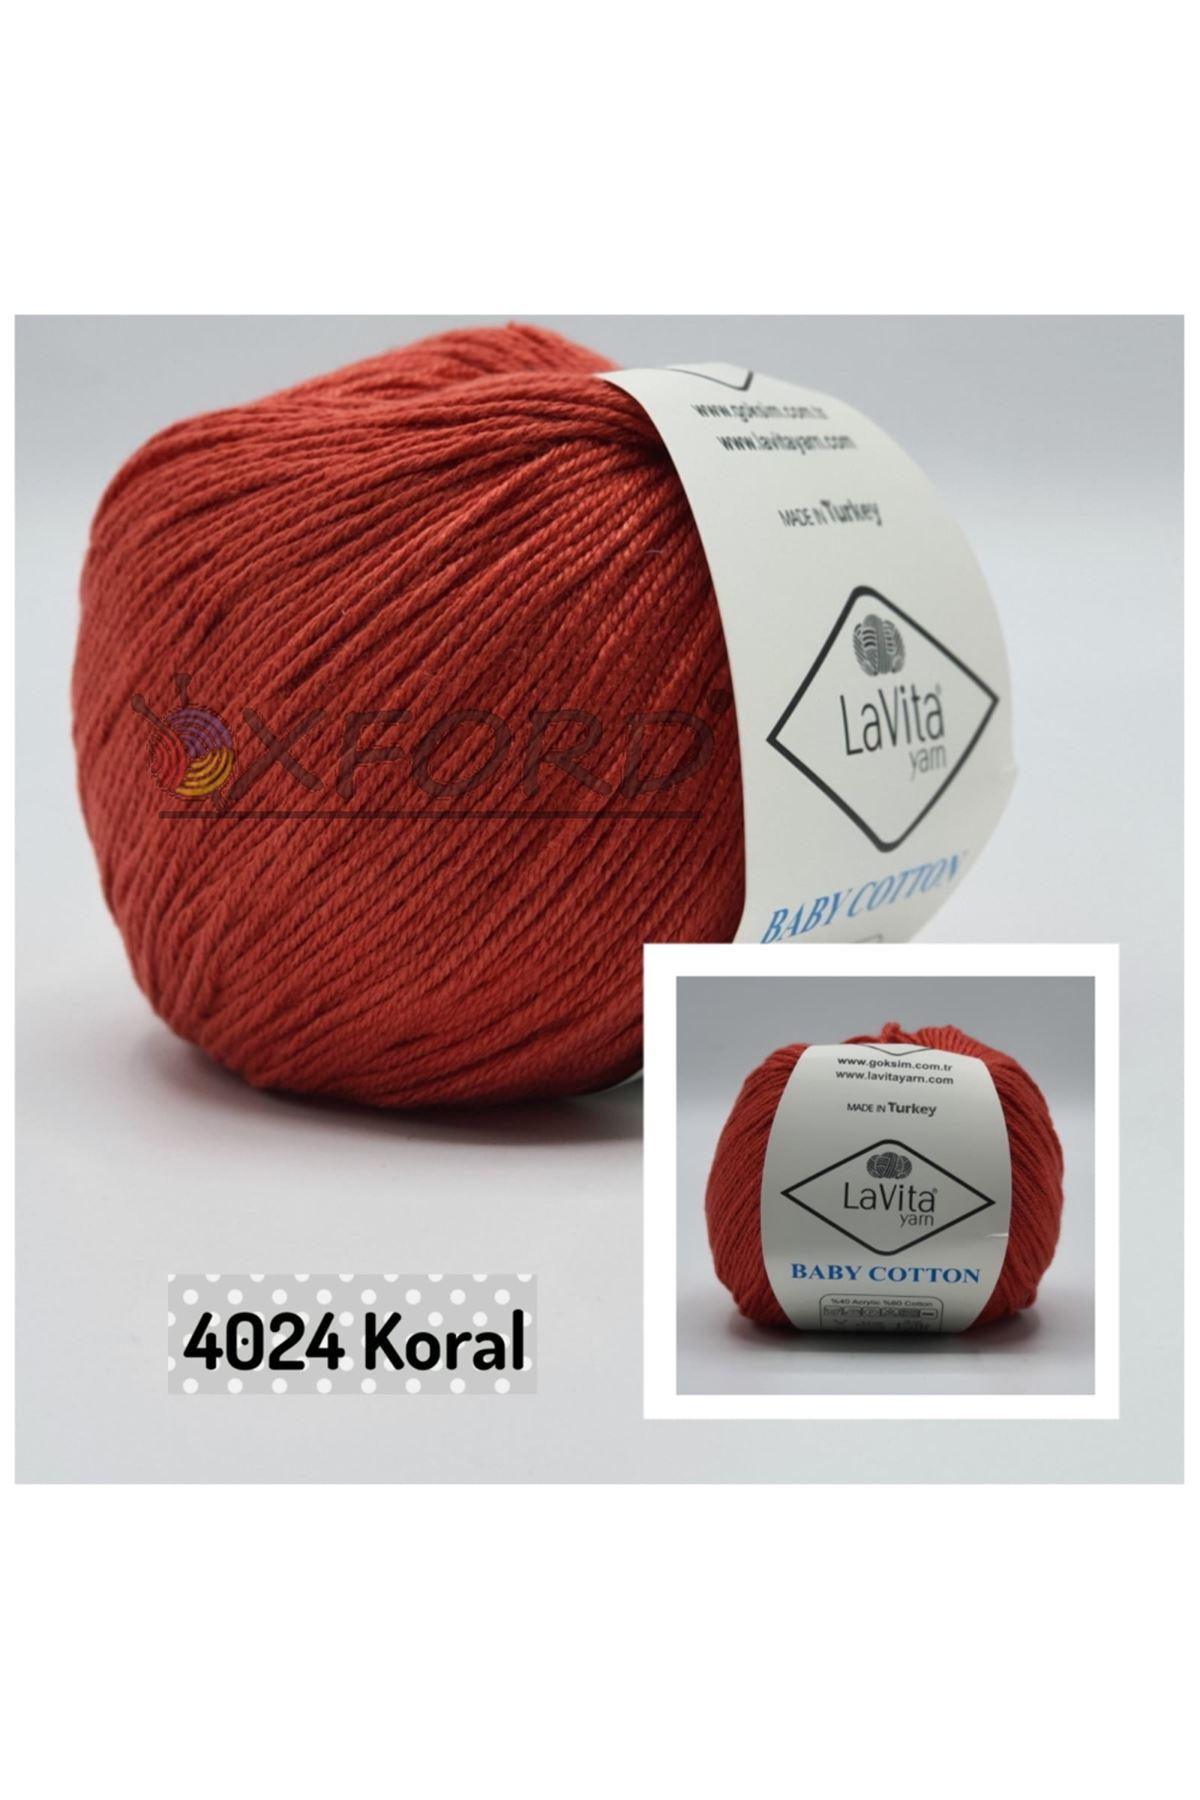 Lavita Baby Cotton 4024 Koral